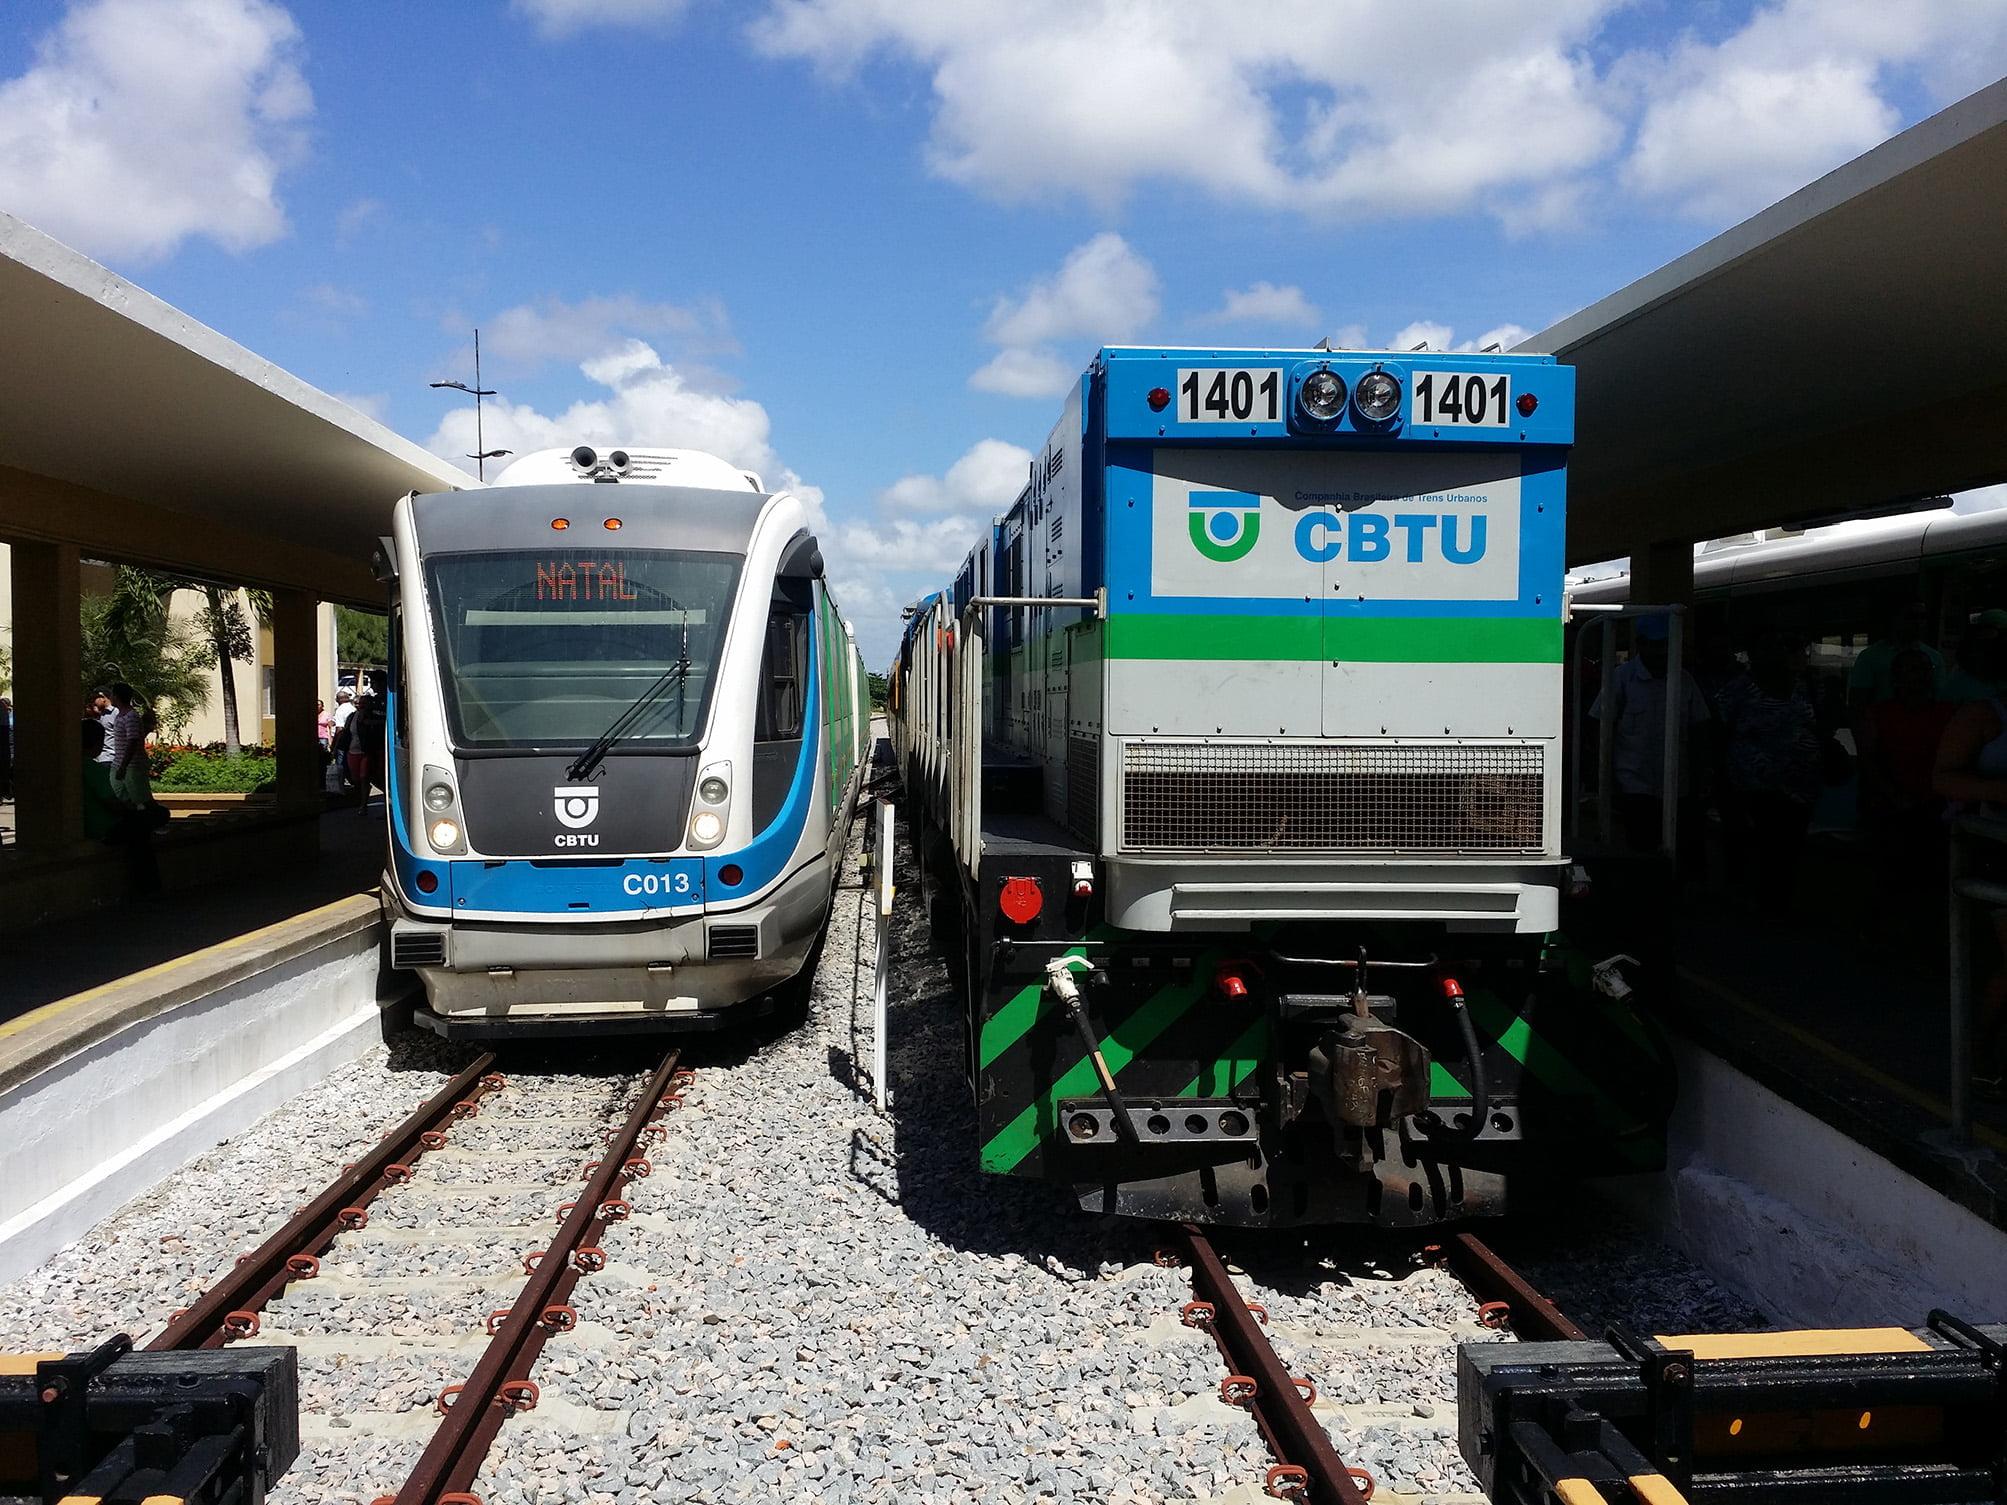 CBTU anuncia volta do trajeto integral da linha Norte do trem metropolitano